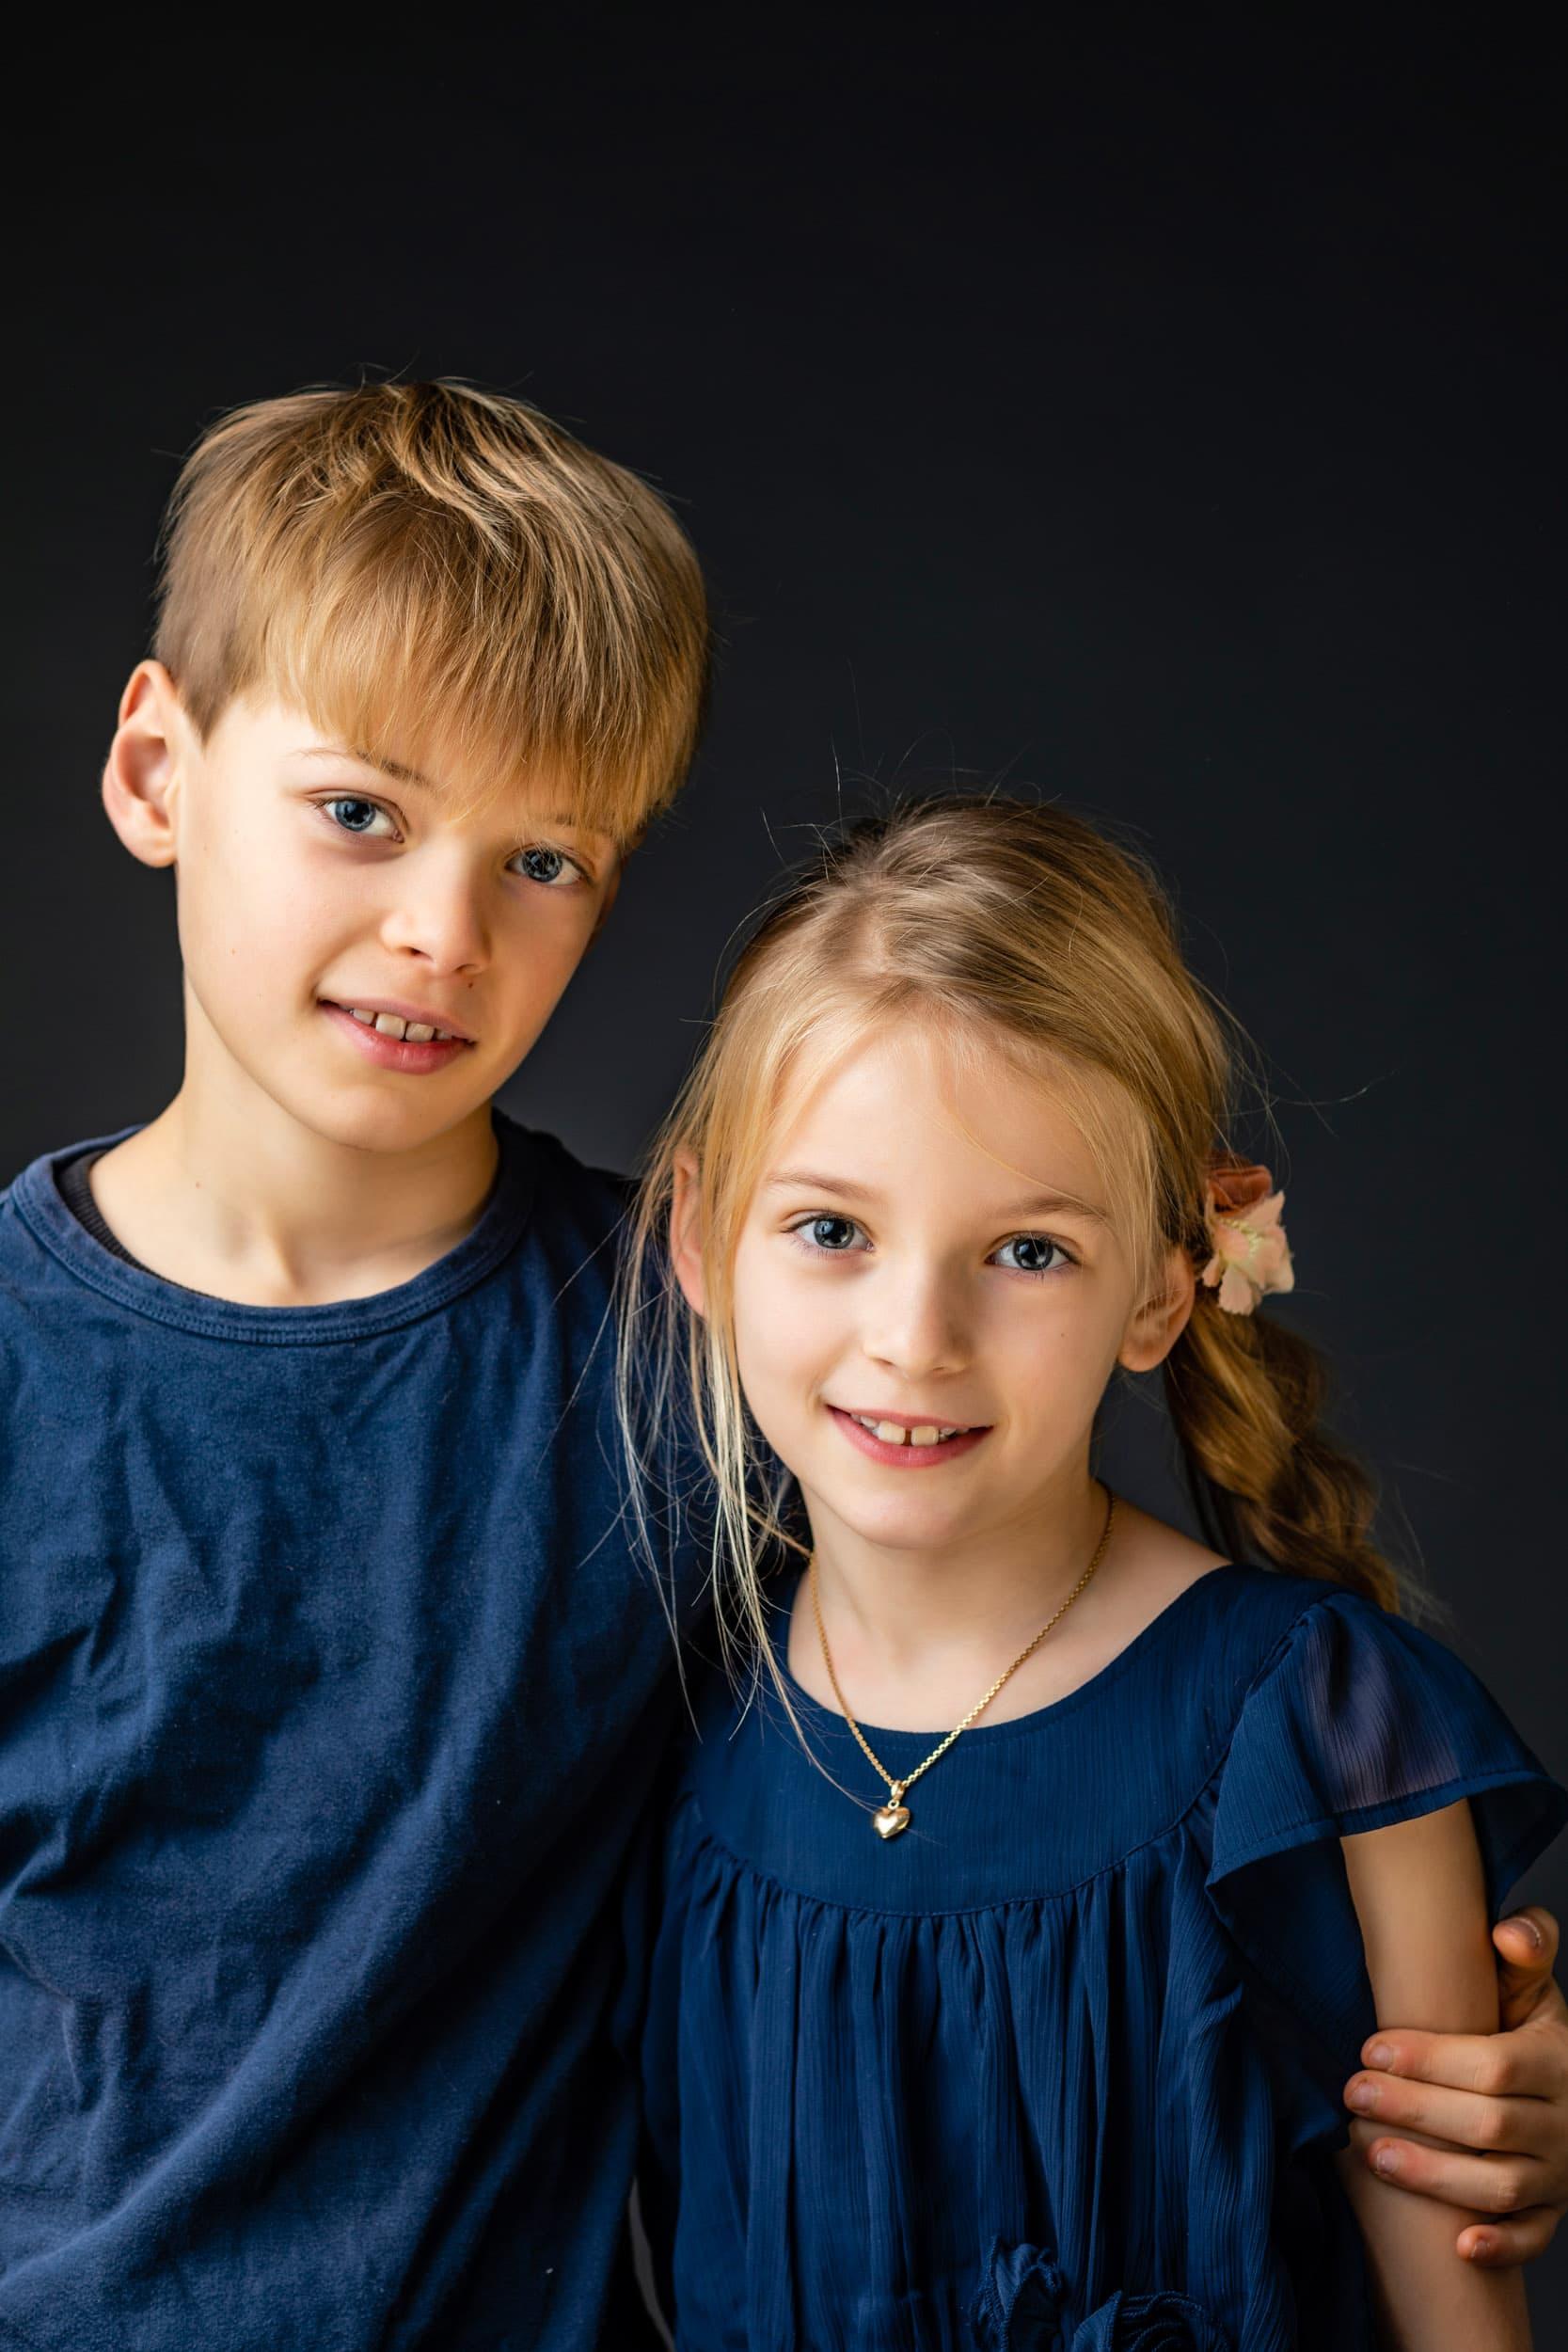 Find fotografen til børn – del 4